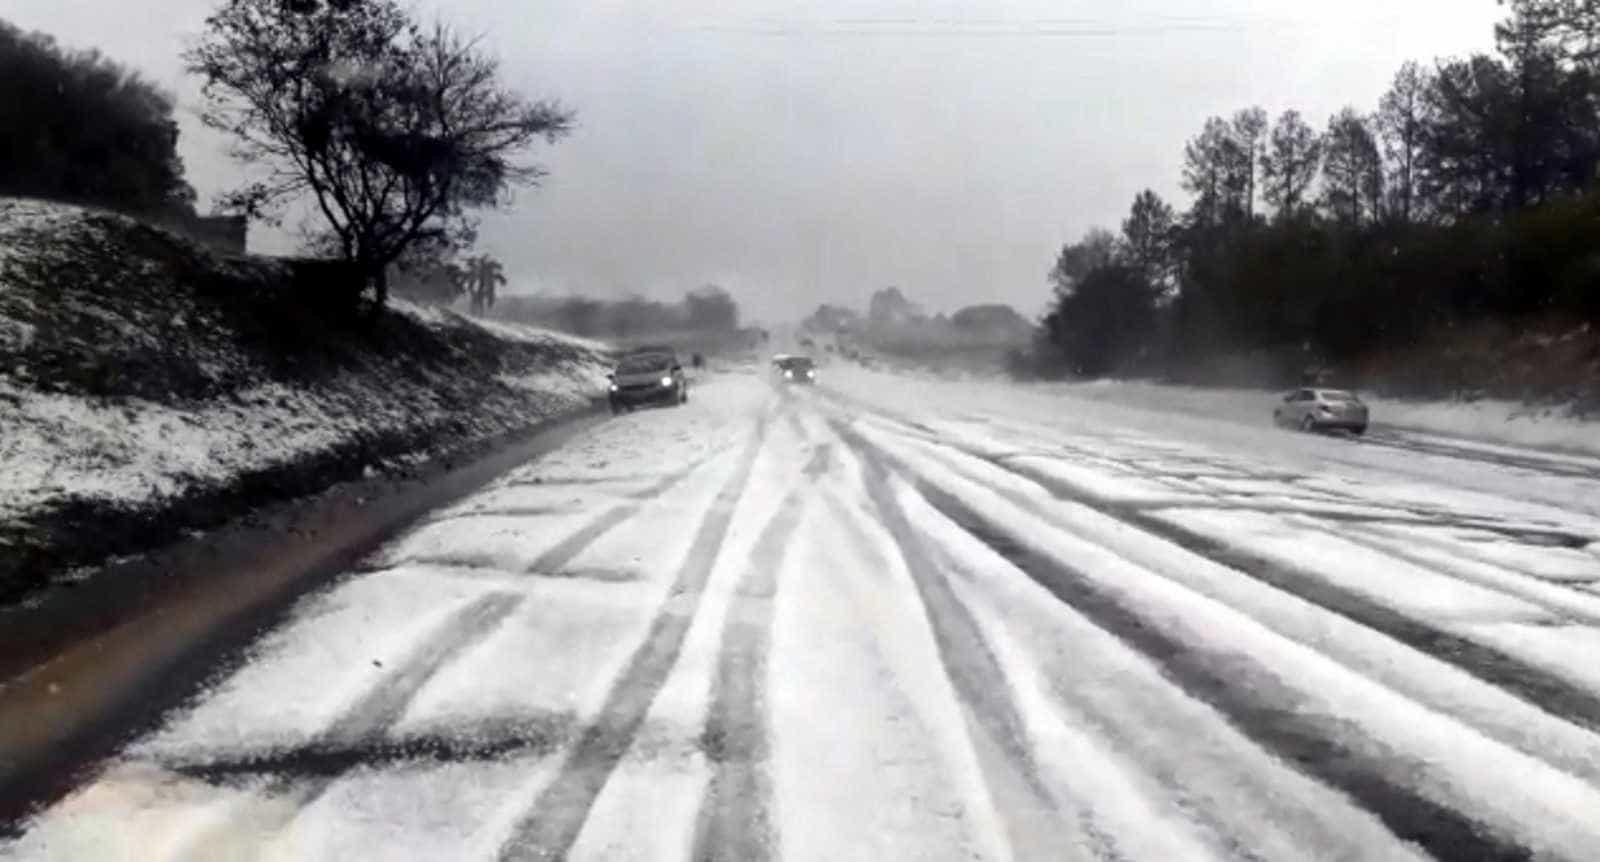 Temporal de granizo deixa rodovia de SP com visual impressionante